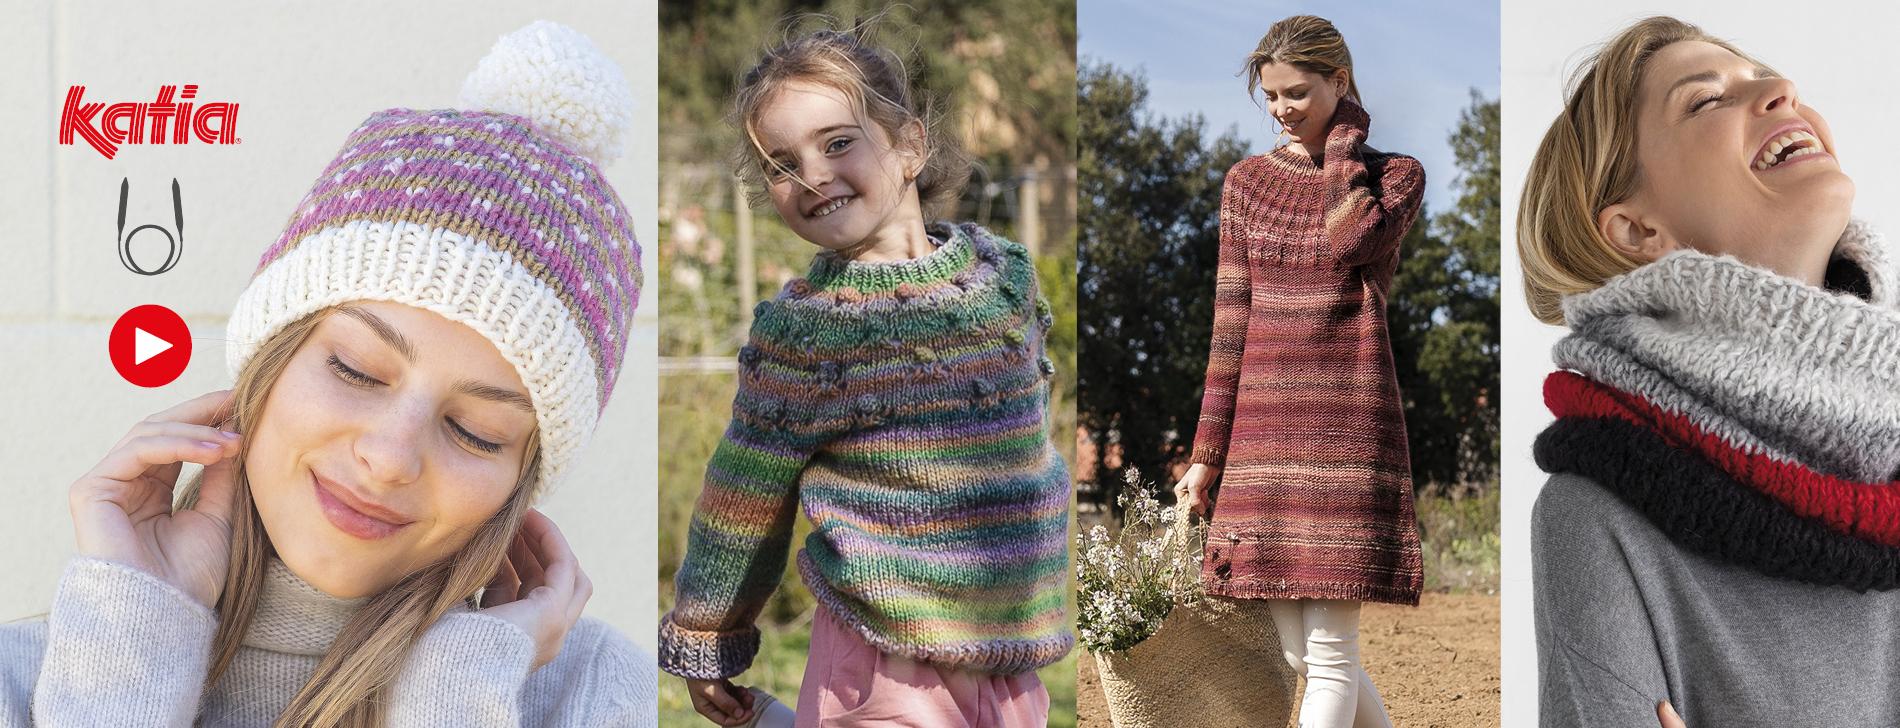 Impara a lavorare a maglia con i ferri circolari